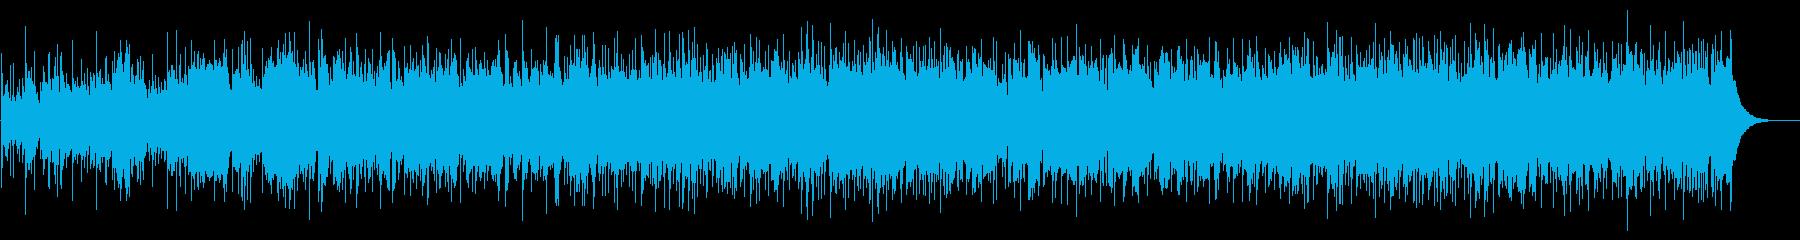 自然環境に良くなじむアイリッシュ風BGMの再生済みの波形